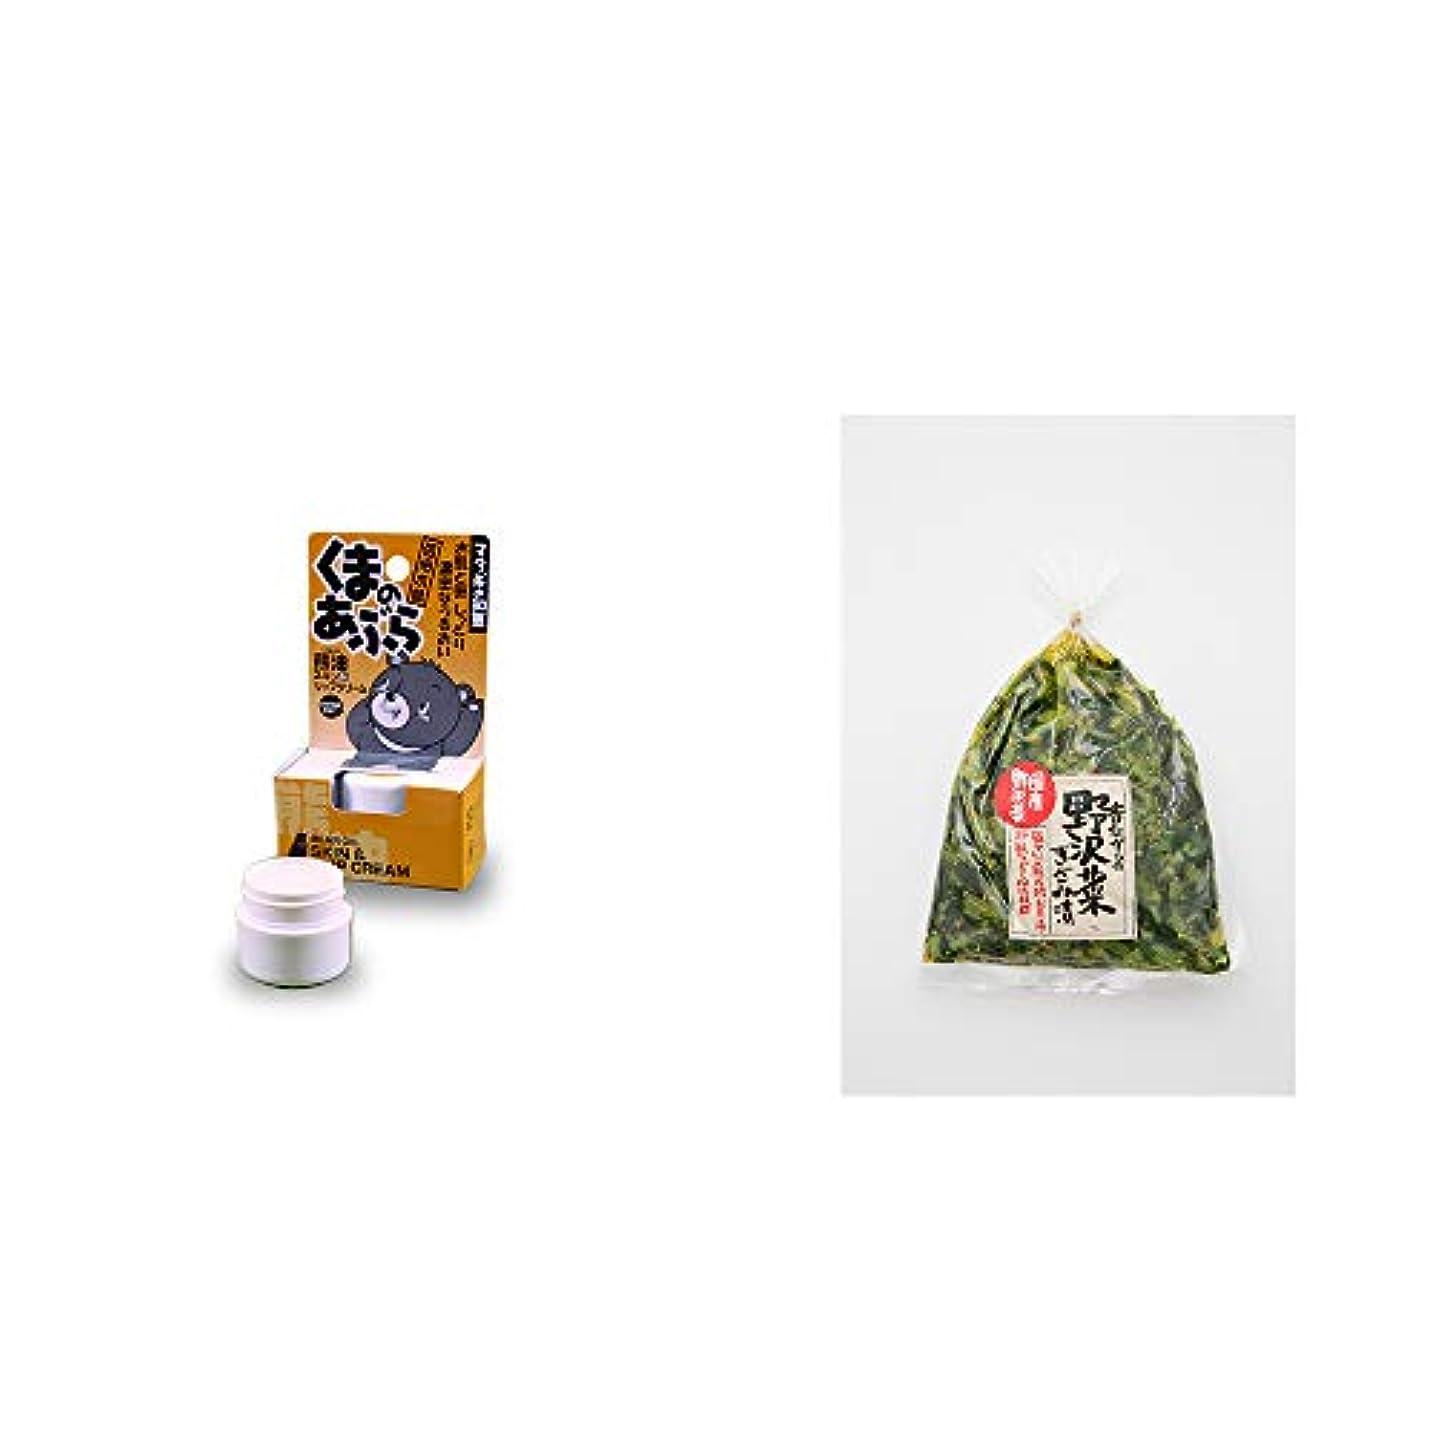 硬さで特別な[2点セット] 信州木曽 くまのあぶら 熊油スキン&リップクリーム(9g)?国産 昔ながらの野沢菜きざみ漬け(150g)